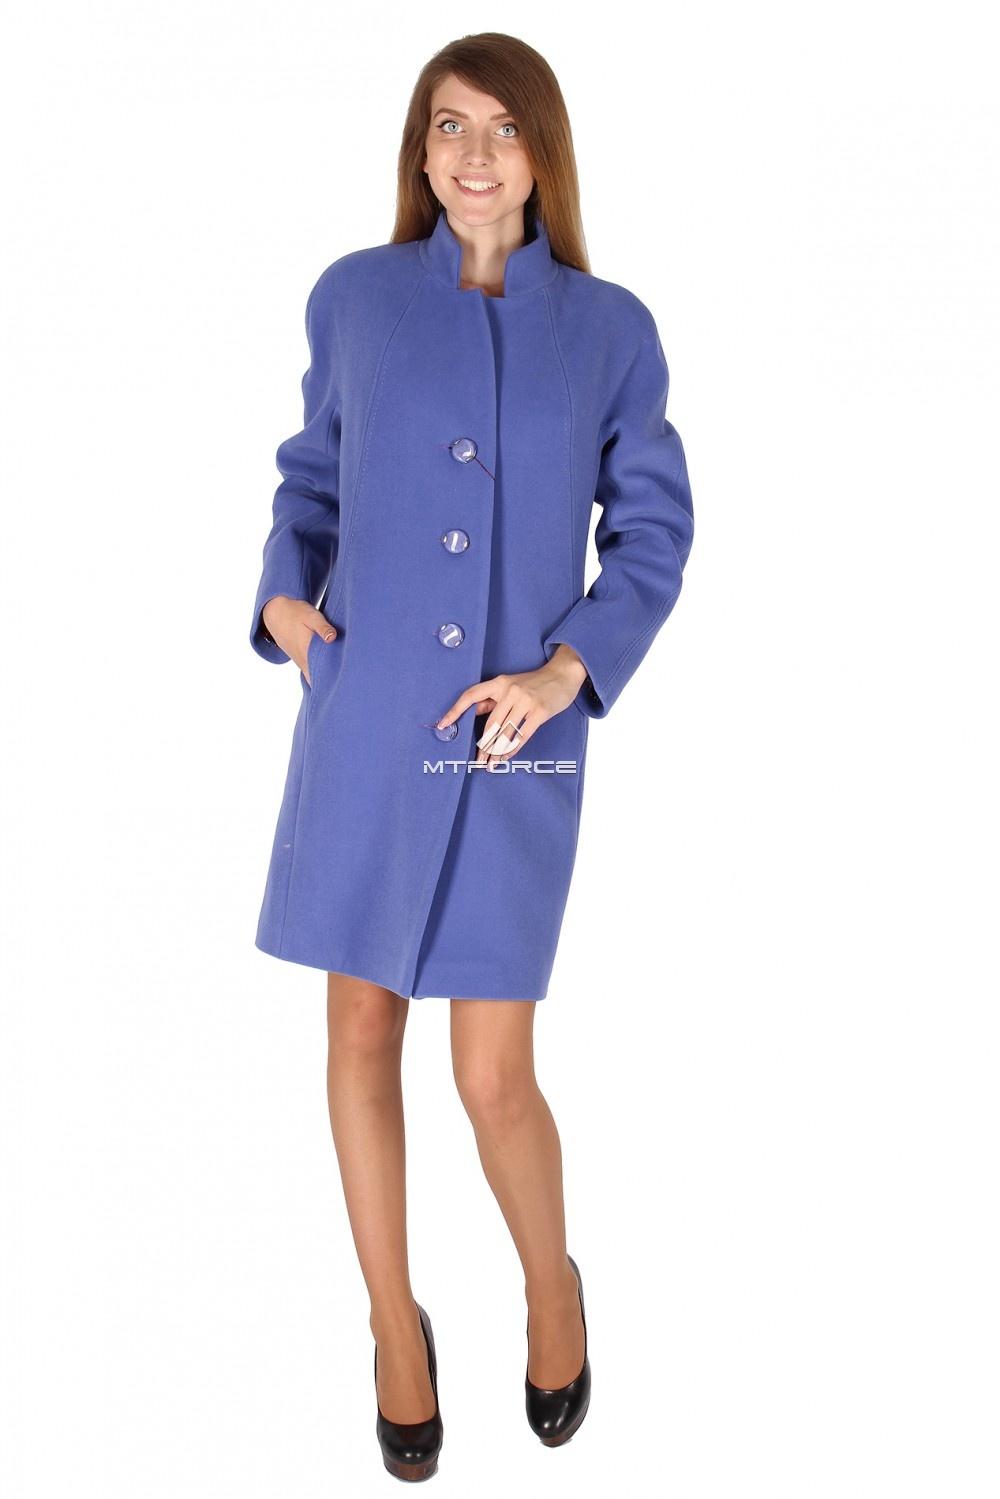 Купить оптом Пальто женское голубой цвета 15193Gl